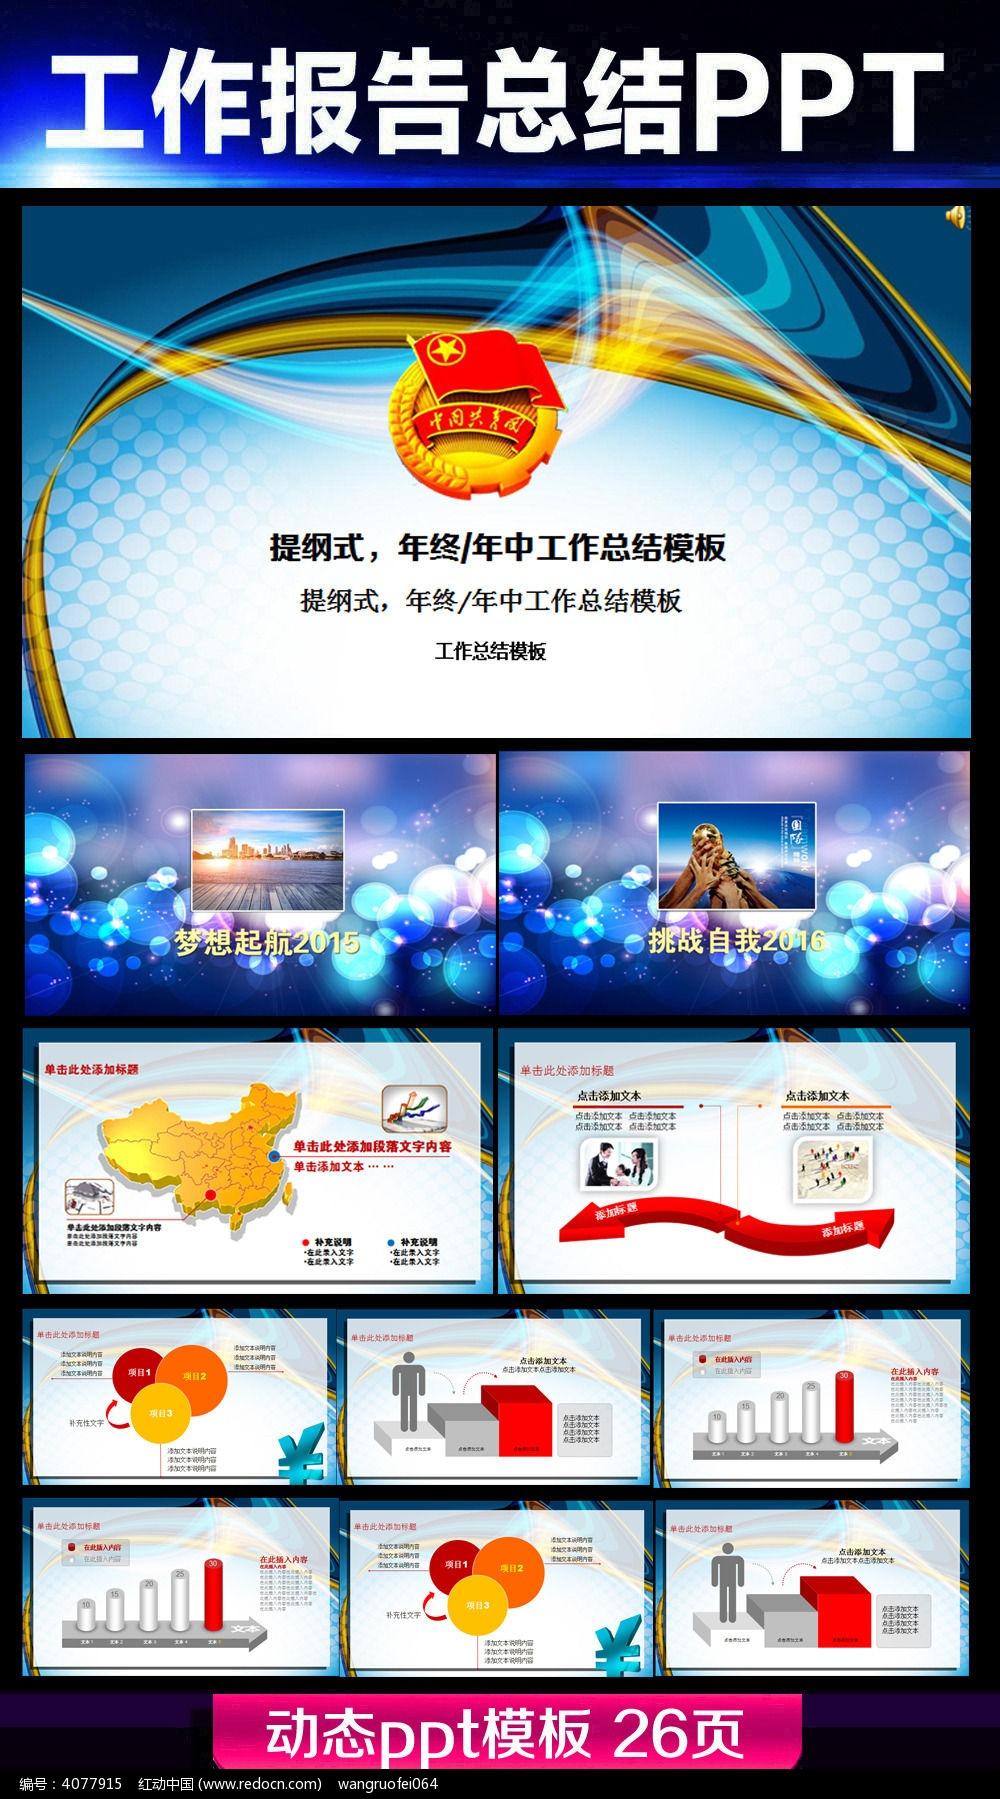 共青团五四活动宣传ppt模板